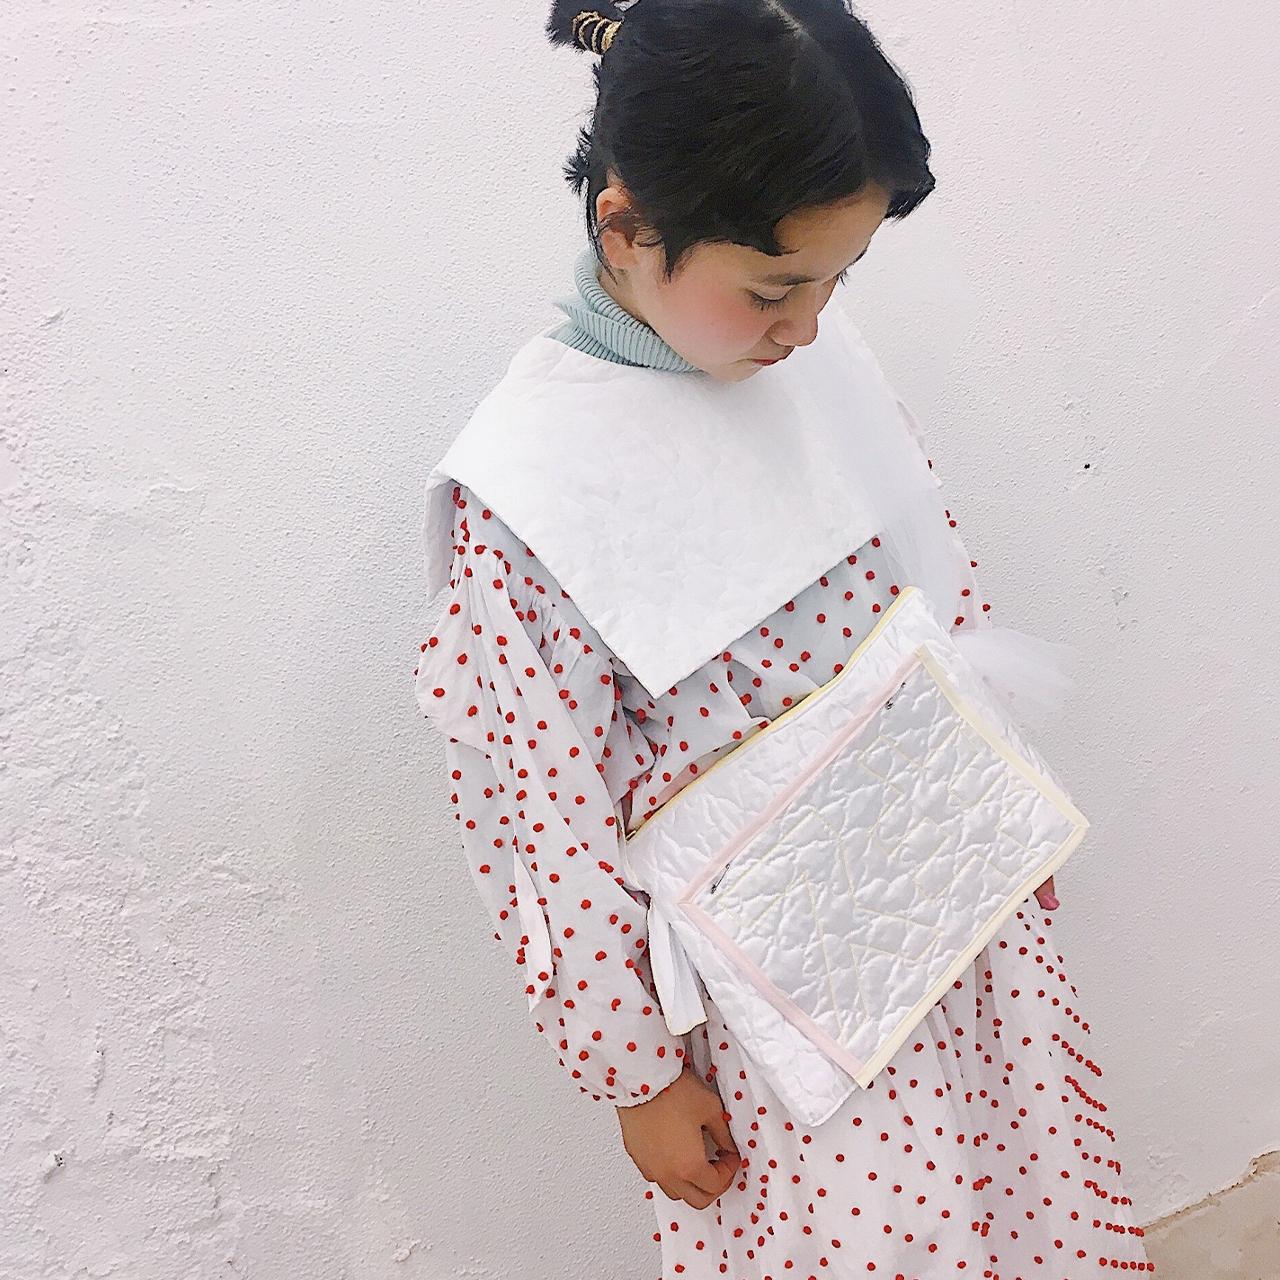 arere / 『スキ』肩掛けBAG - WHITE*WHITE